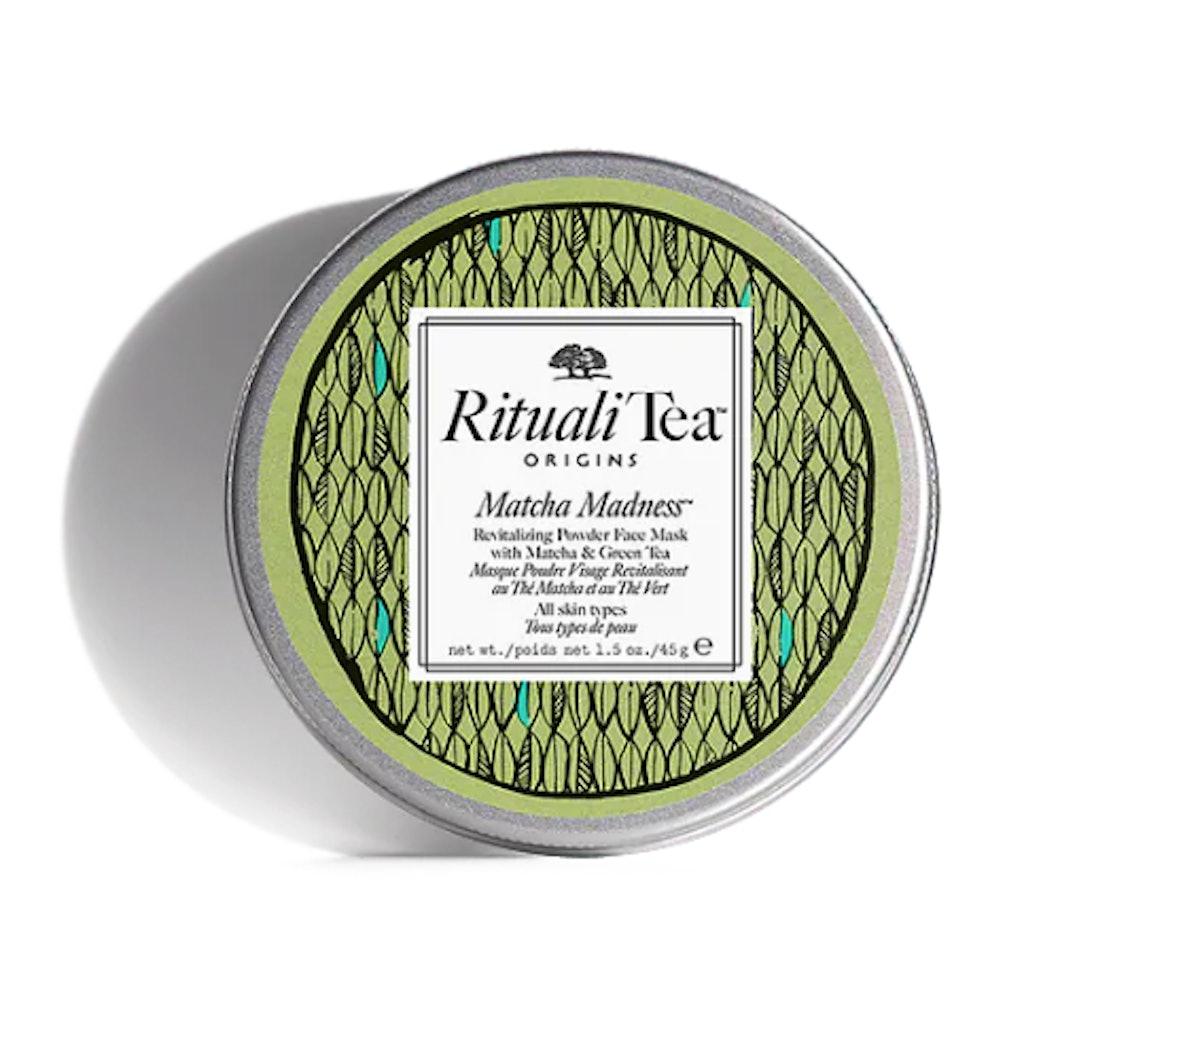 RitualiTea Matcha Madness Revitalizing Powder Face Mask